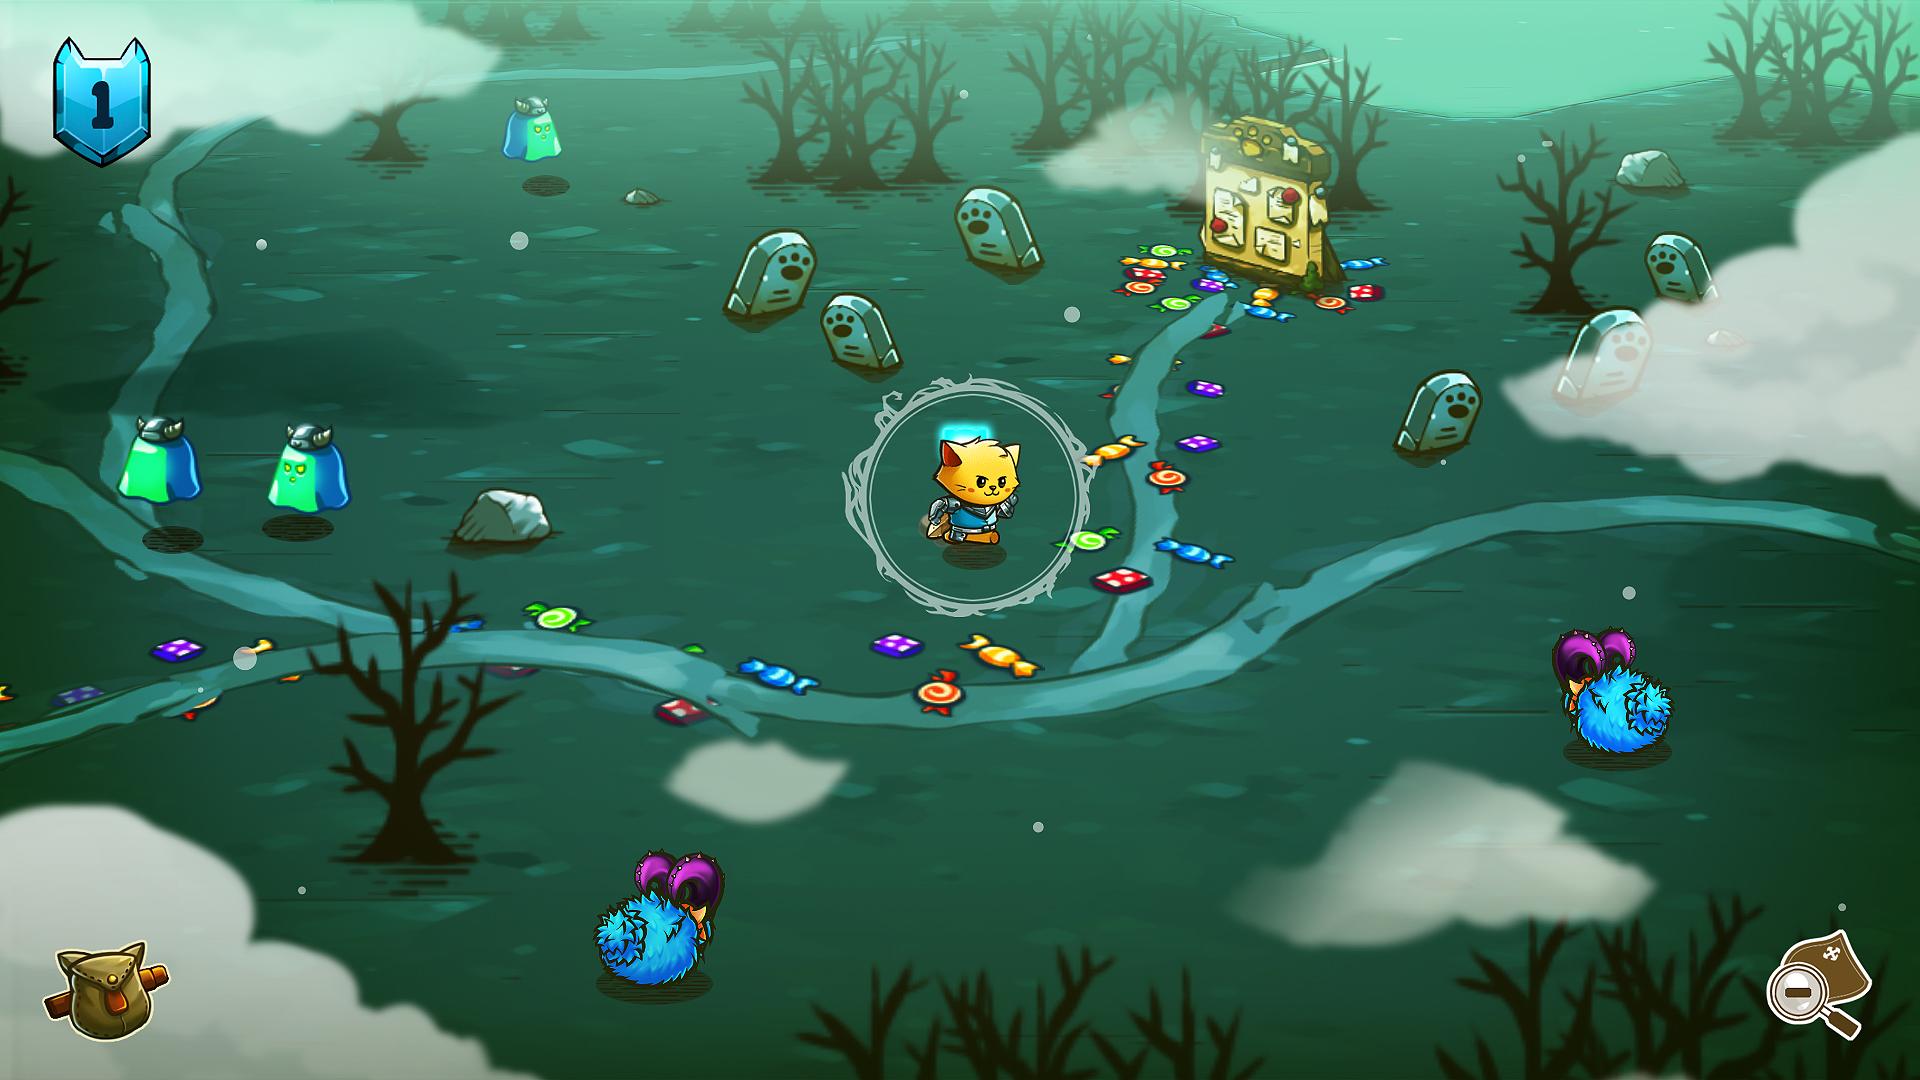 Igrajte besplatno Bubble Quest i uživajte u klasičnom igranju, stotinama drevnih razina i izazovnim je zarazna igra s nekim cool power-ups.